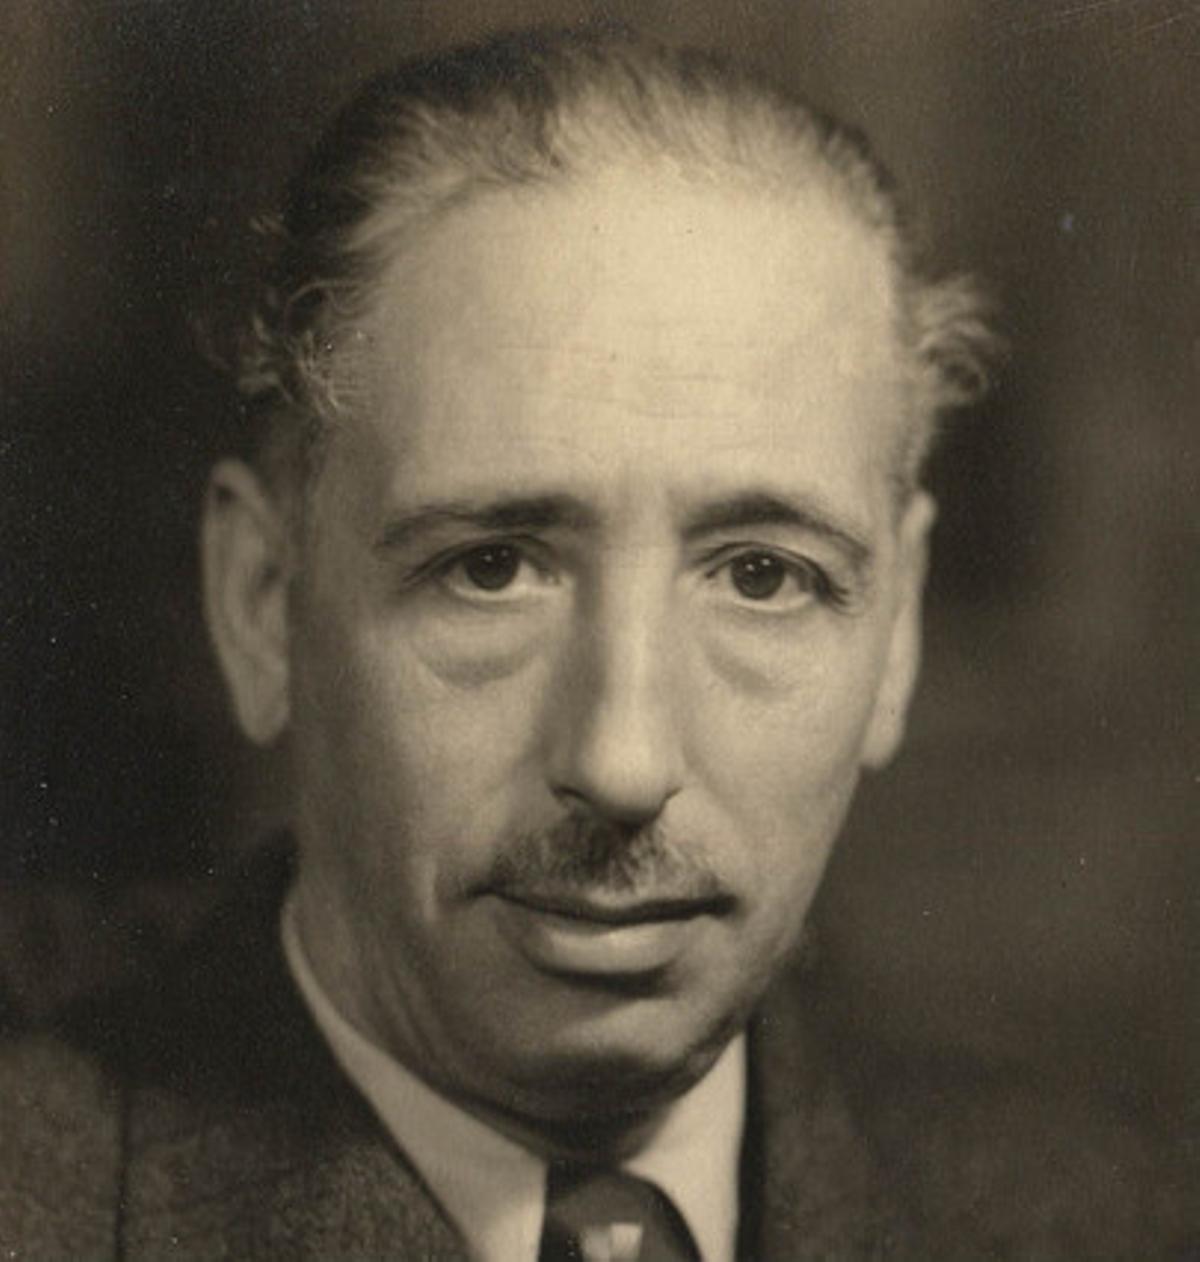 El ex president de la Generalitat, Lluís Companys.